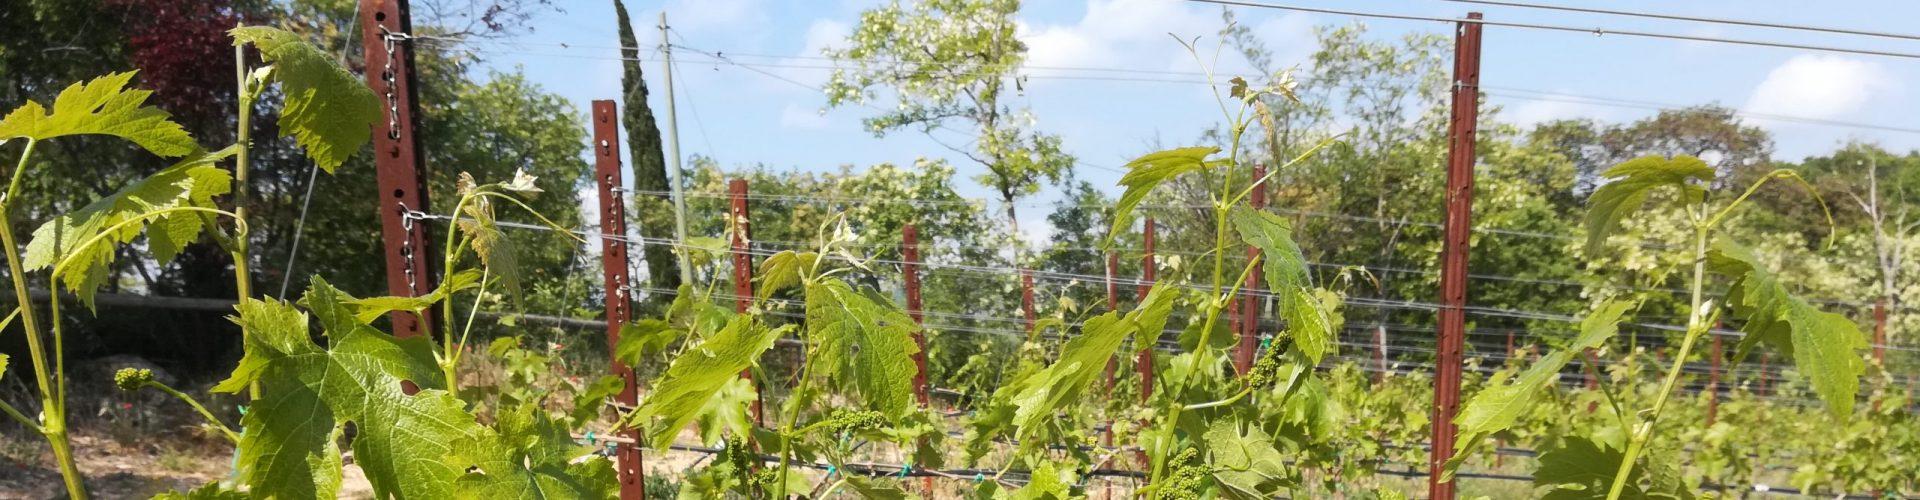 Video tecnico in campo a cura del Biodistretto Colli Euganei: la pulizia del verde in vigneto